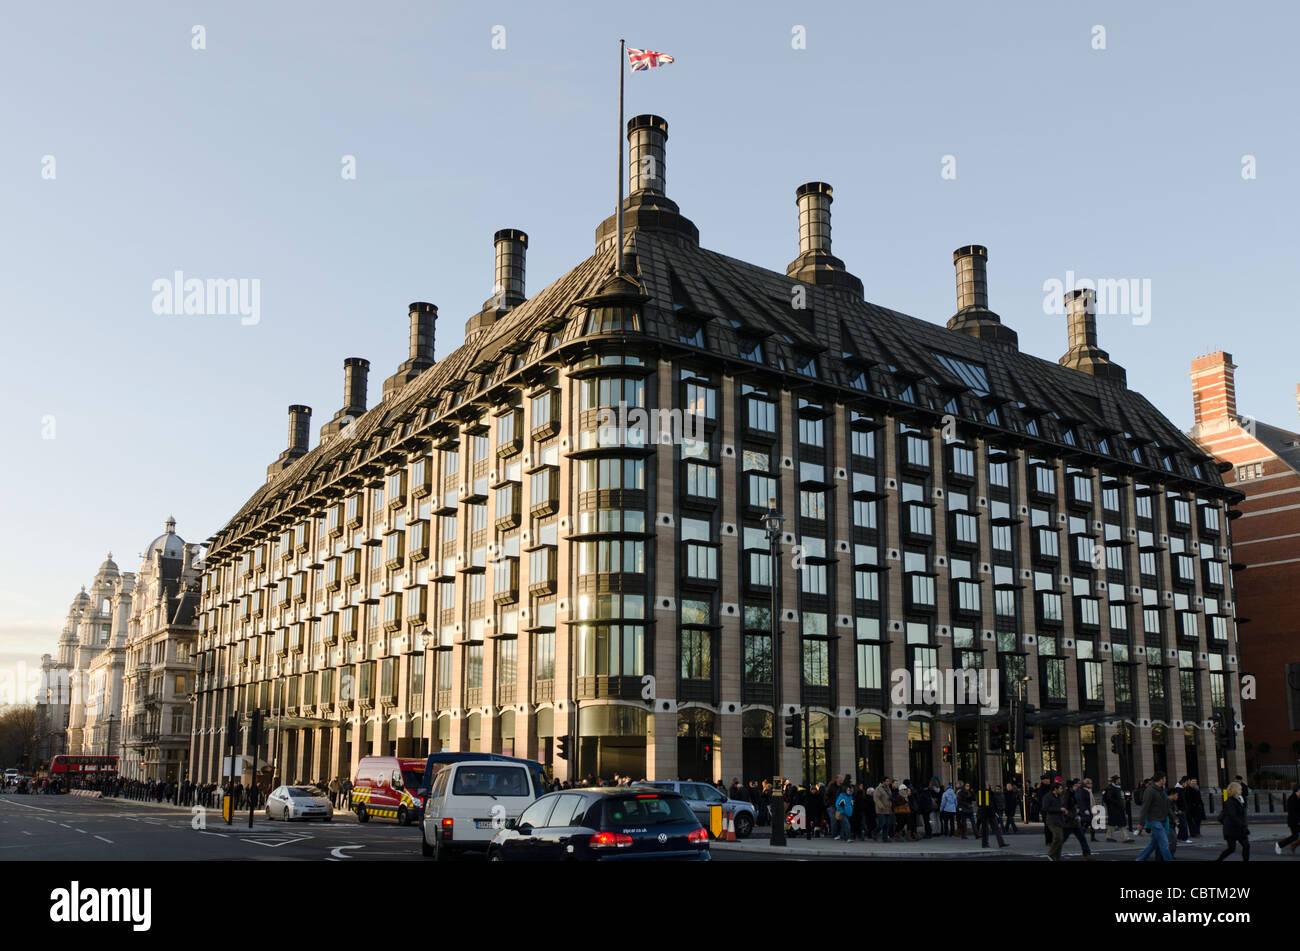 Portcullis House oficinas a miembros del Parlamento, London SW1A 2LW Westminster Londres, Gran Bretaña. Foto de stock